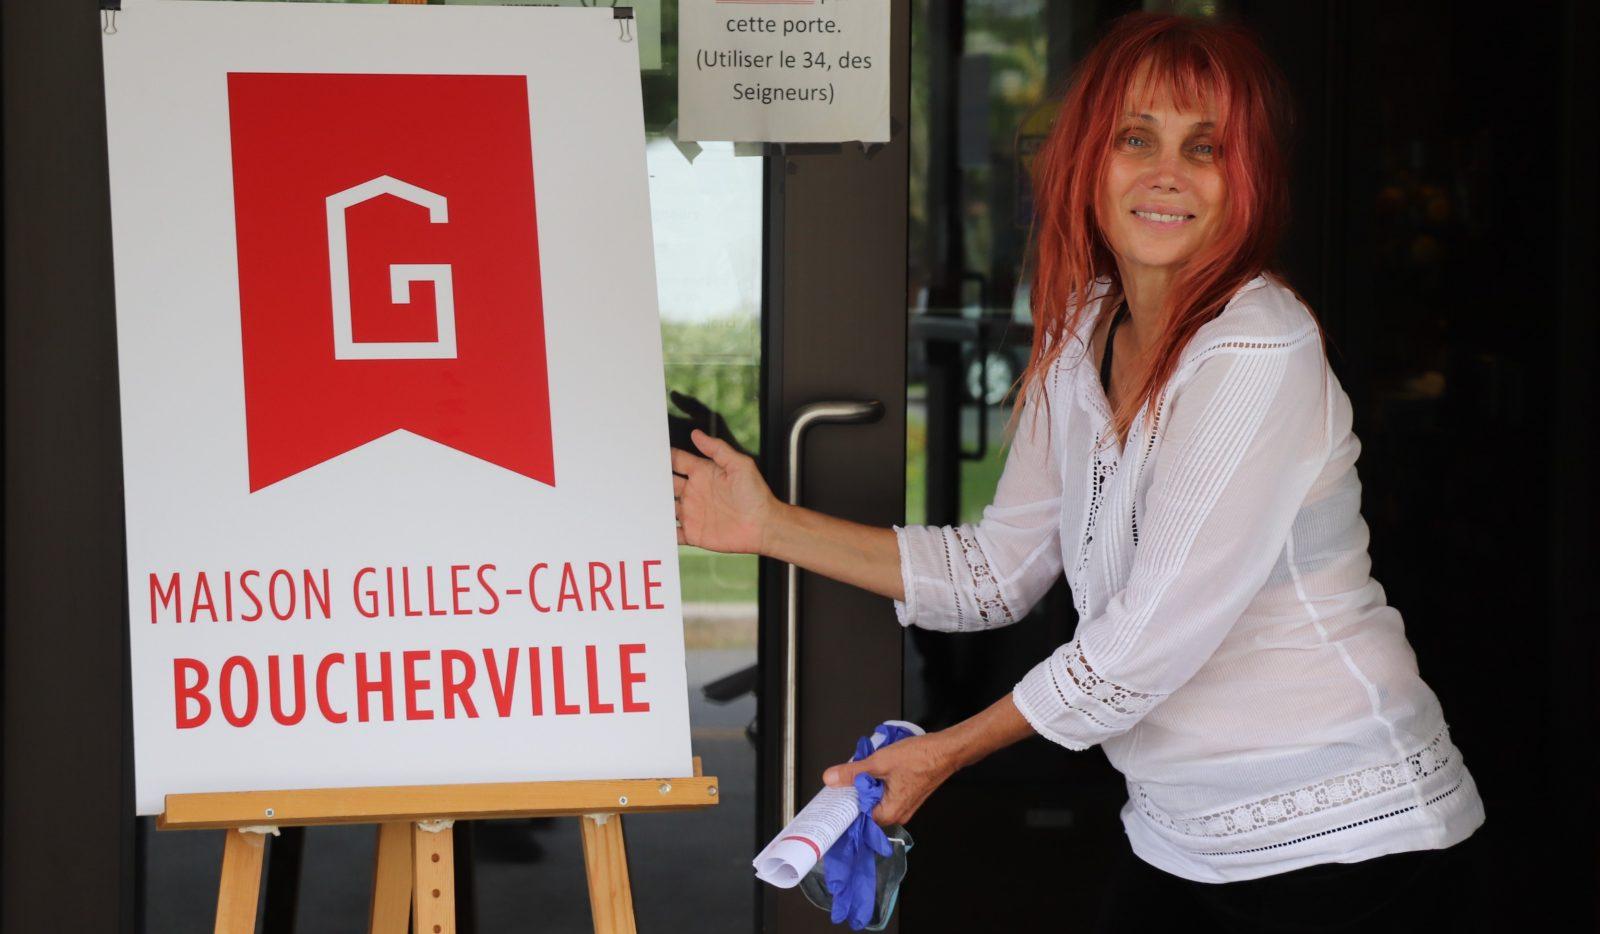 La Maison Gilles-Carle Boucherville accueille ses premiers visiteurs